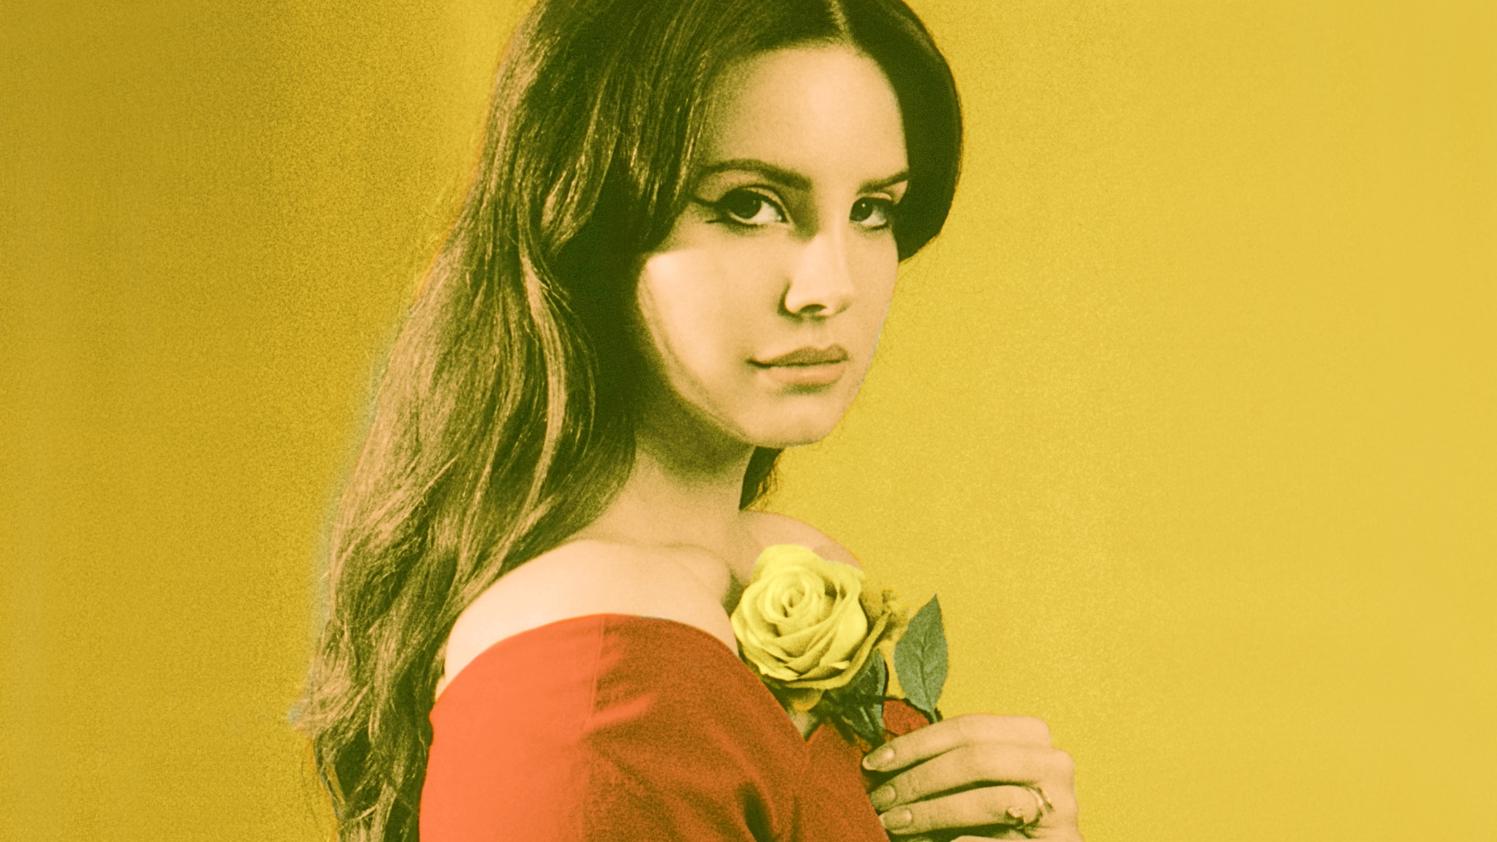 Lana Del Rey quer foder com o nosso psicológico mesmo, só pode.